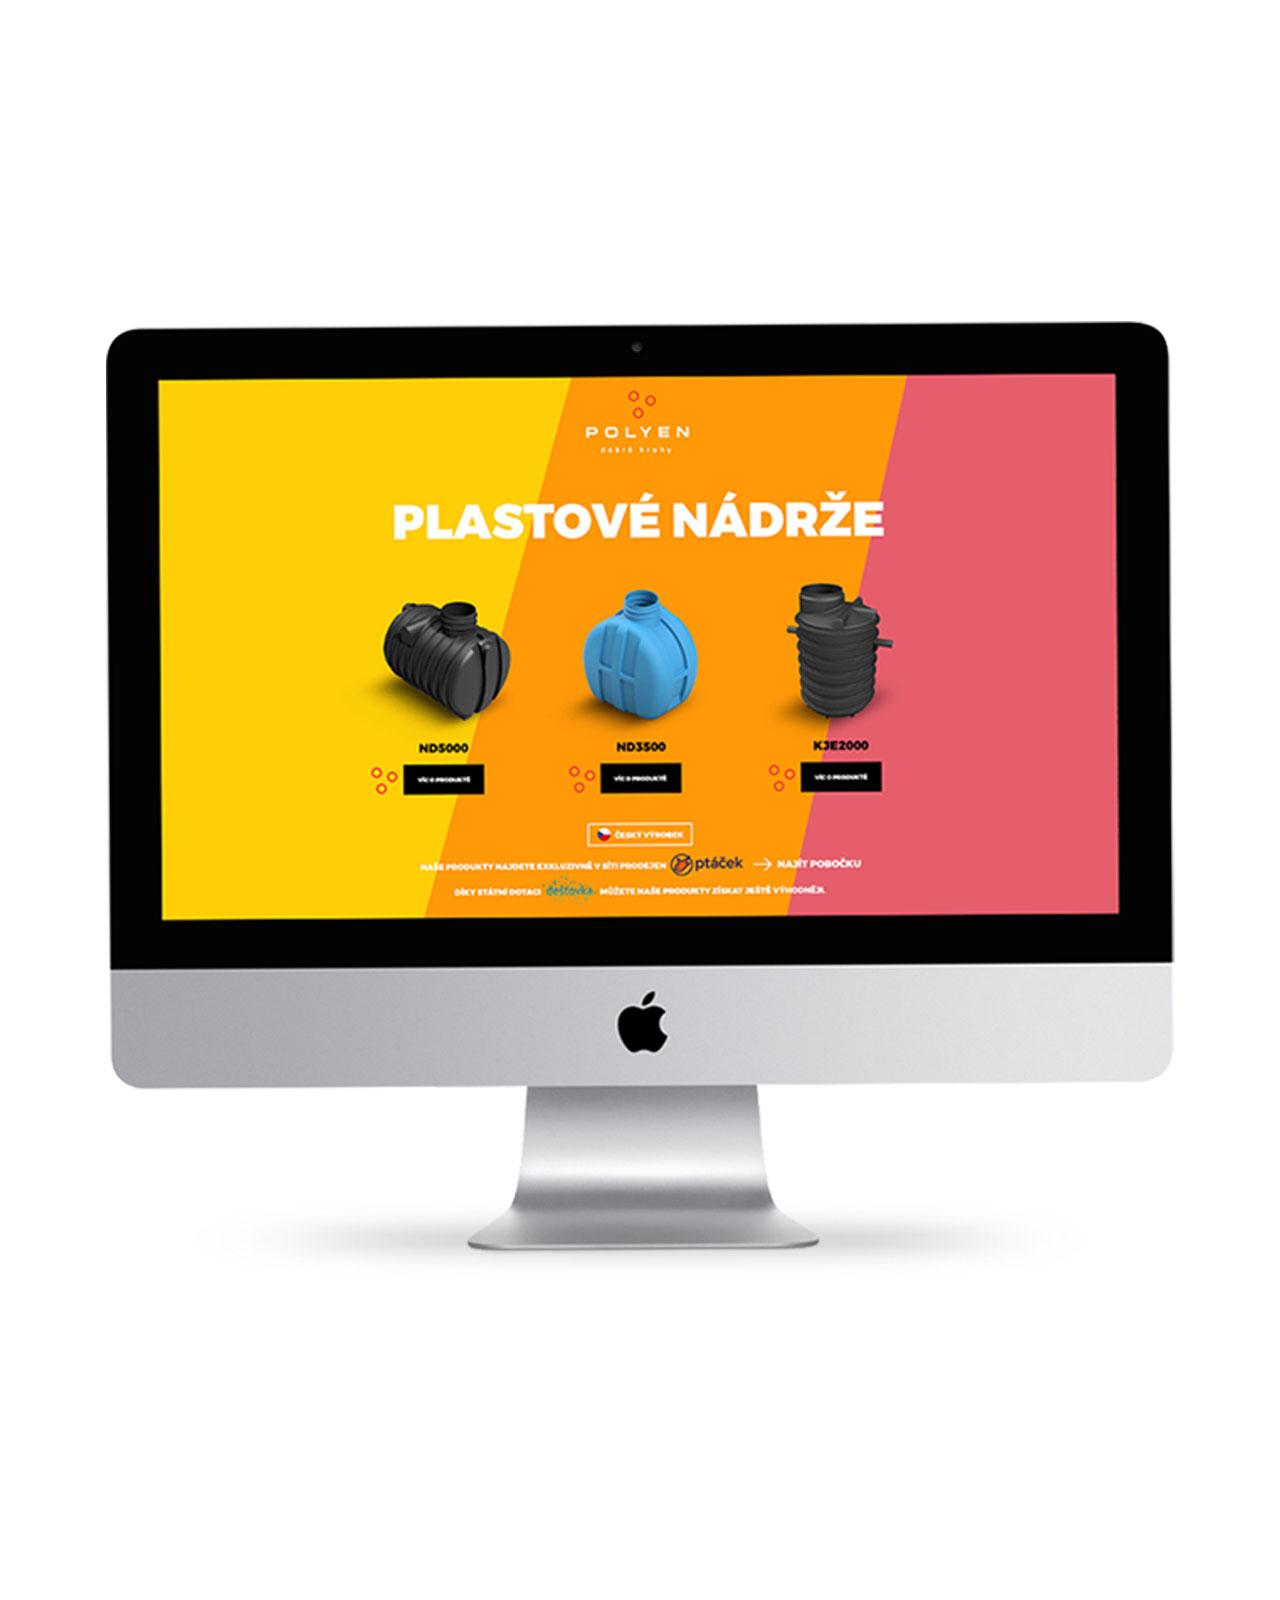 dizajn webovej stránky